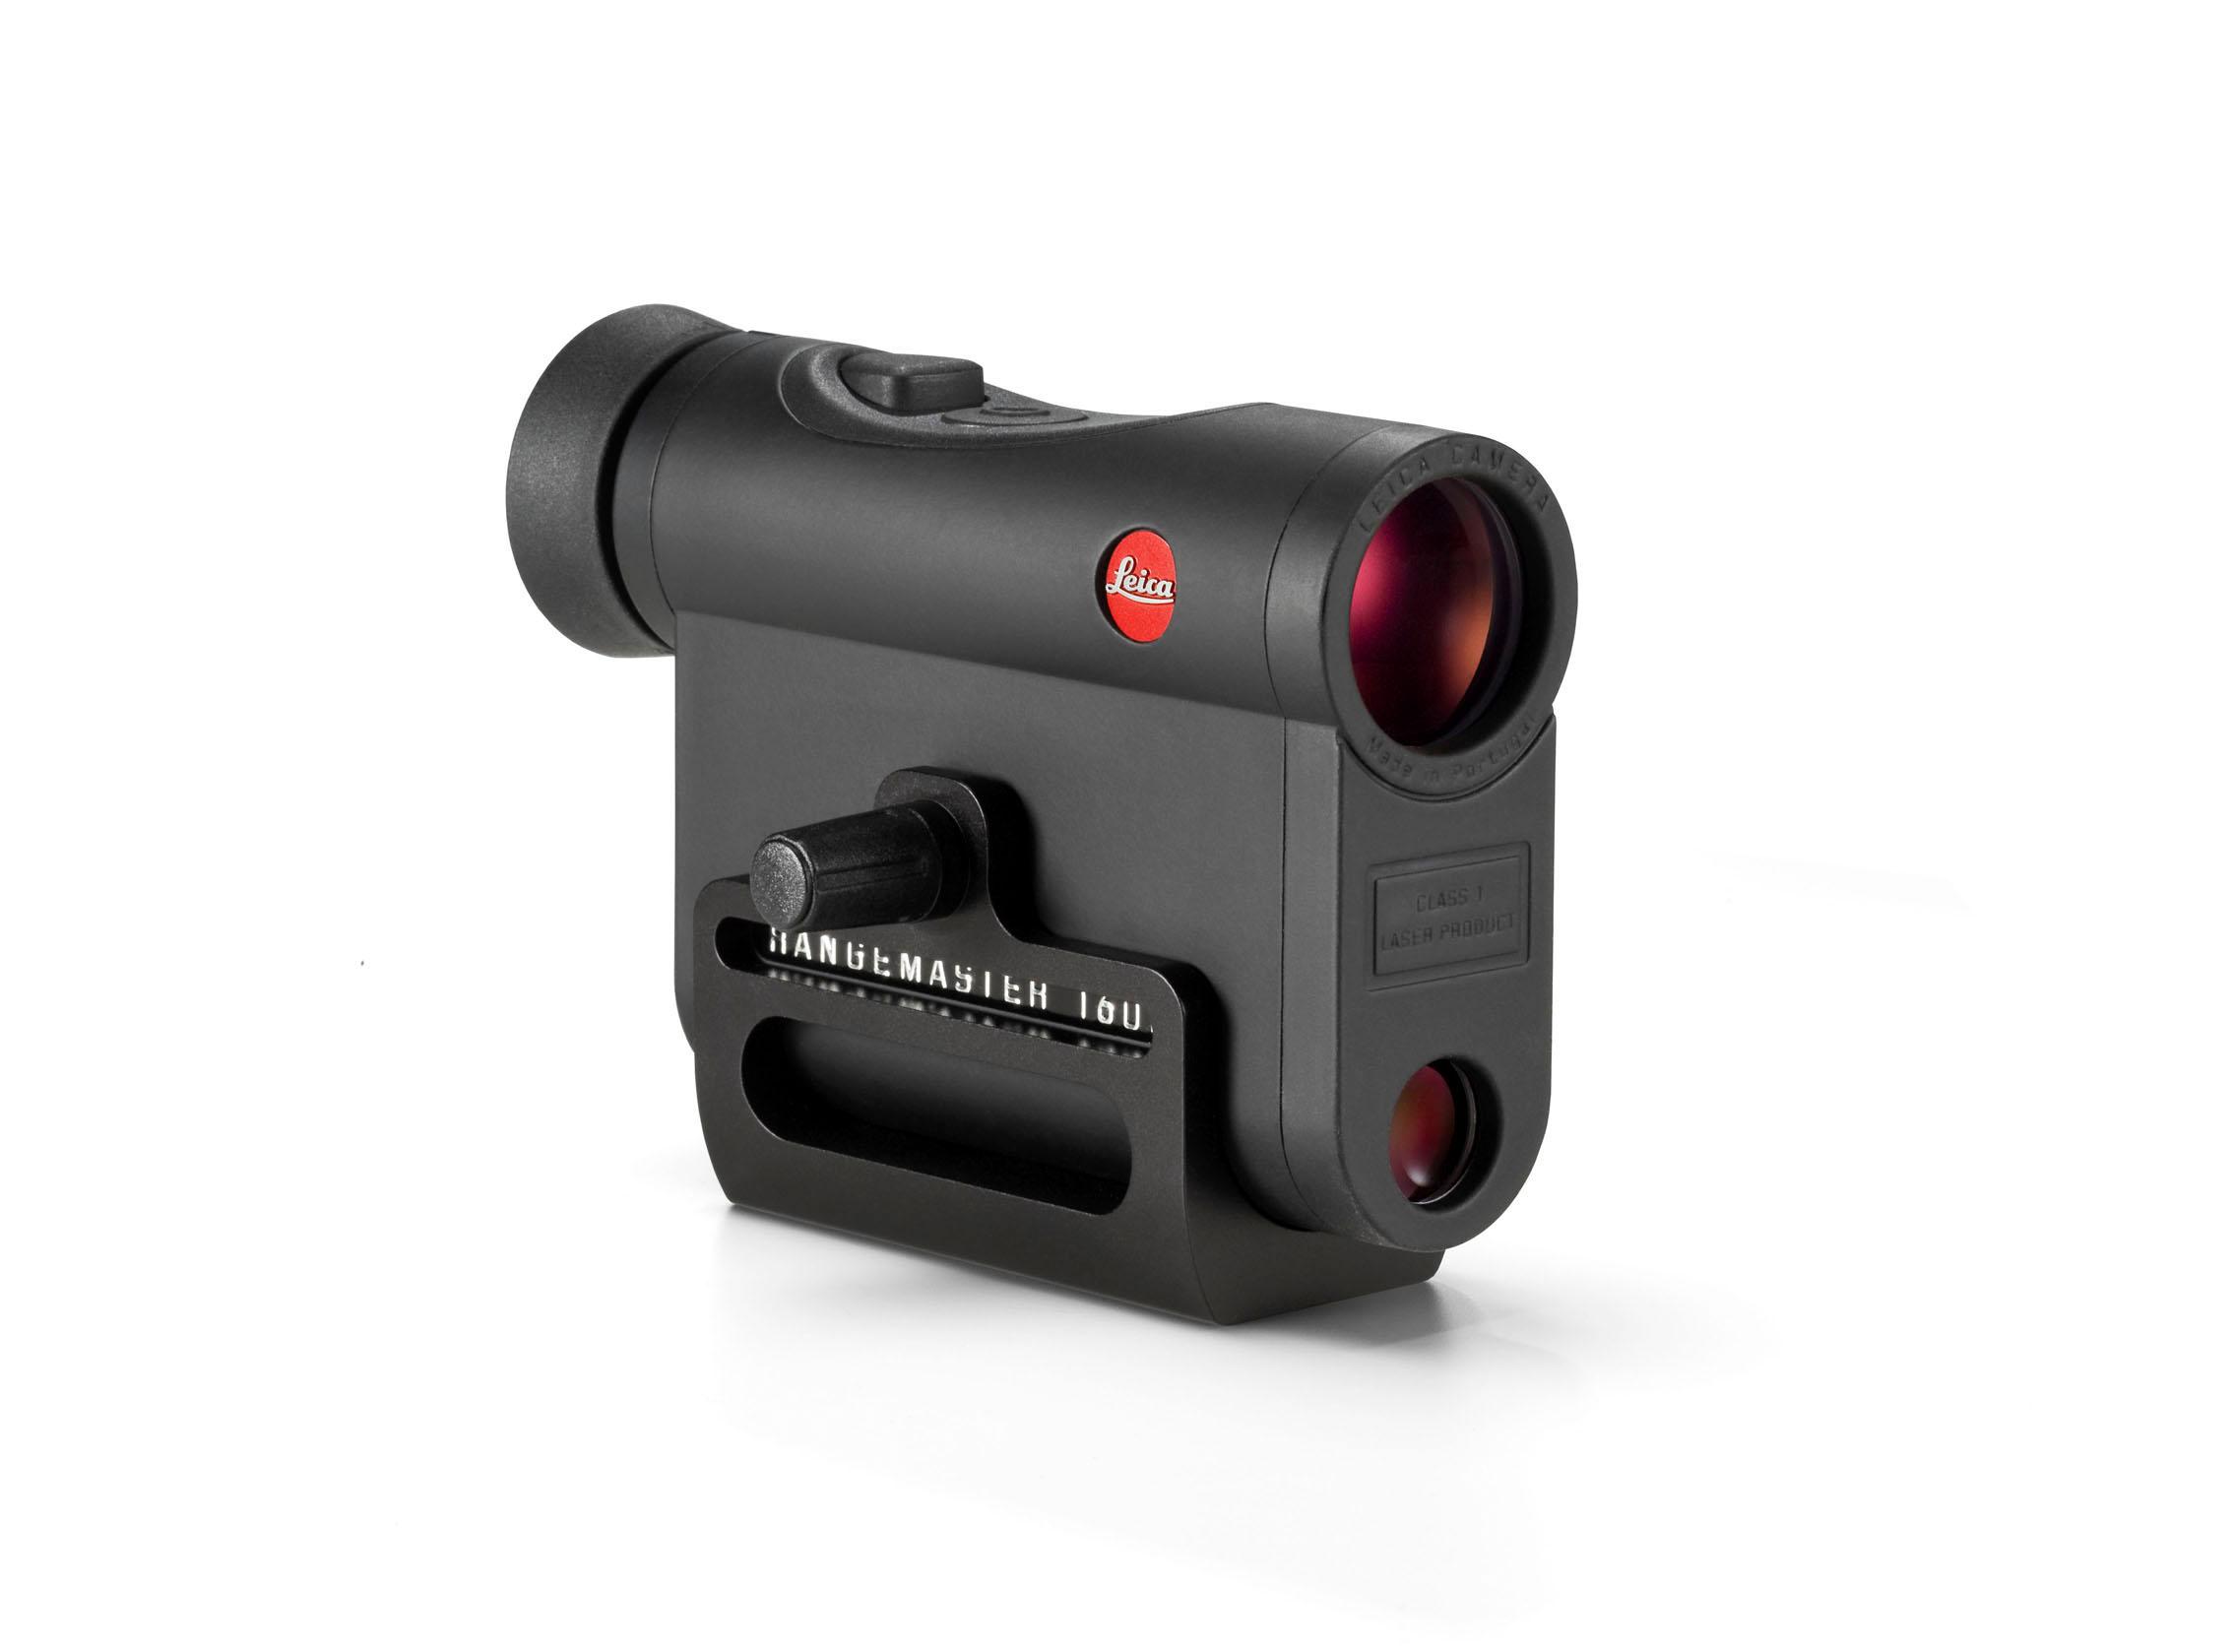 Leica Entfernungsmesser Fokos : Leica stativ aadapter crf entfernungsmesser triebel onlineshop